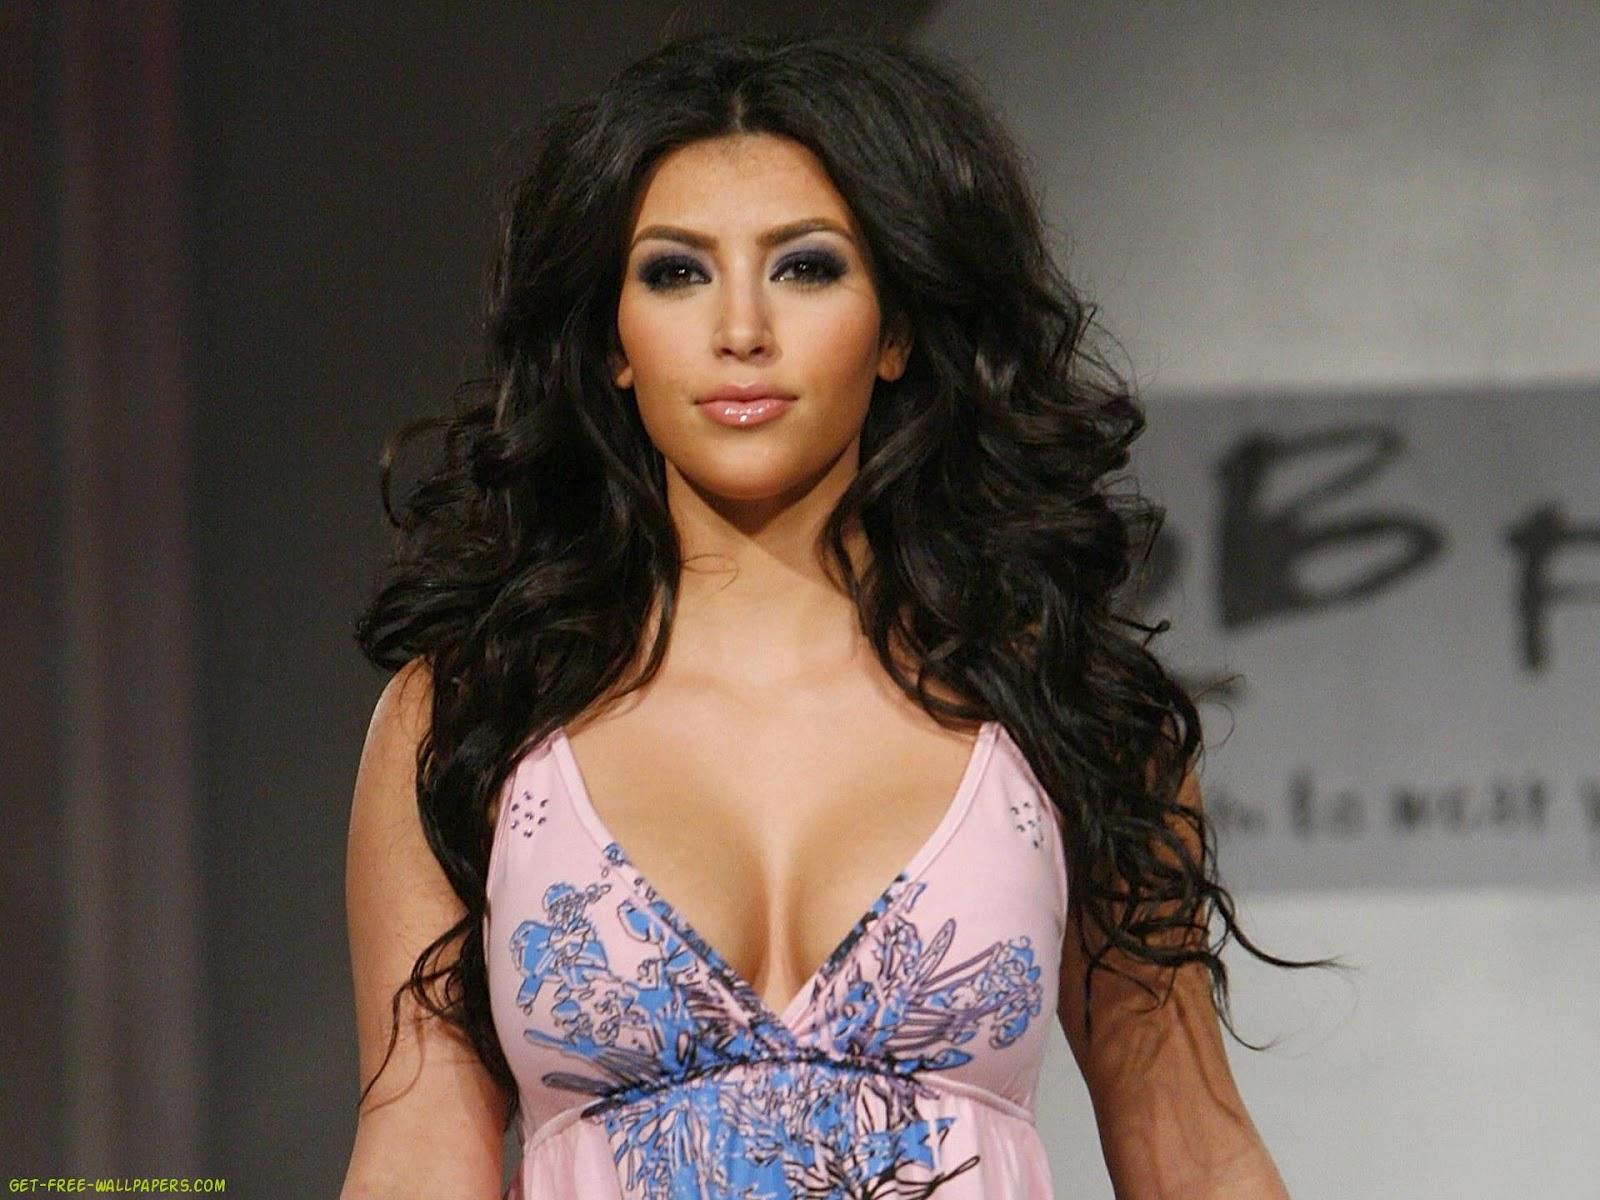 http://1.bp.blogspot.com/-N3wwXye2AHk/T7NBr8o2bmI/AAAAAAAABlw/nOwYGh1_8aY/s1600/kim-kardashian-wallpaper-13.jpg